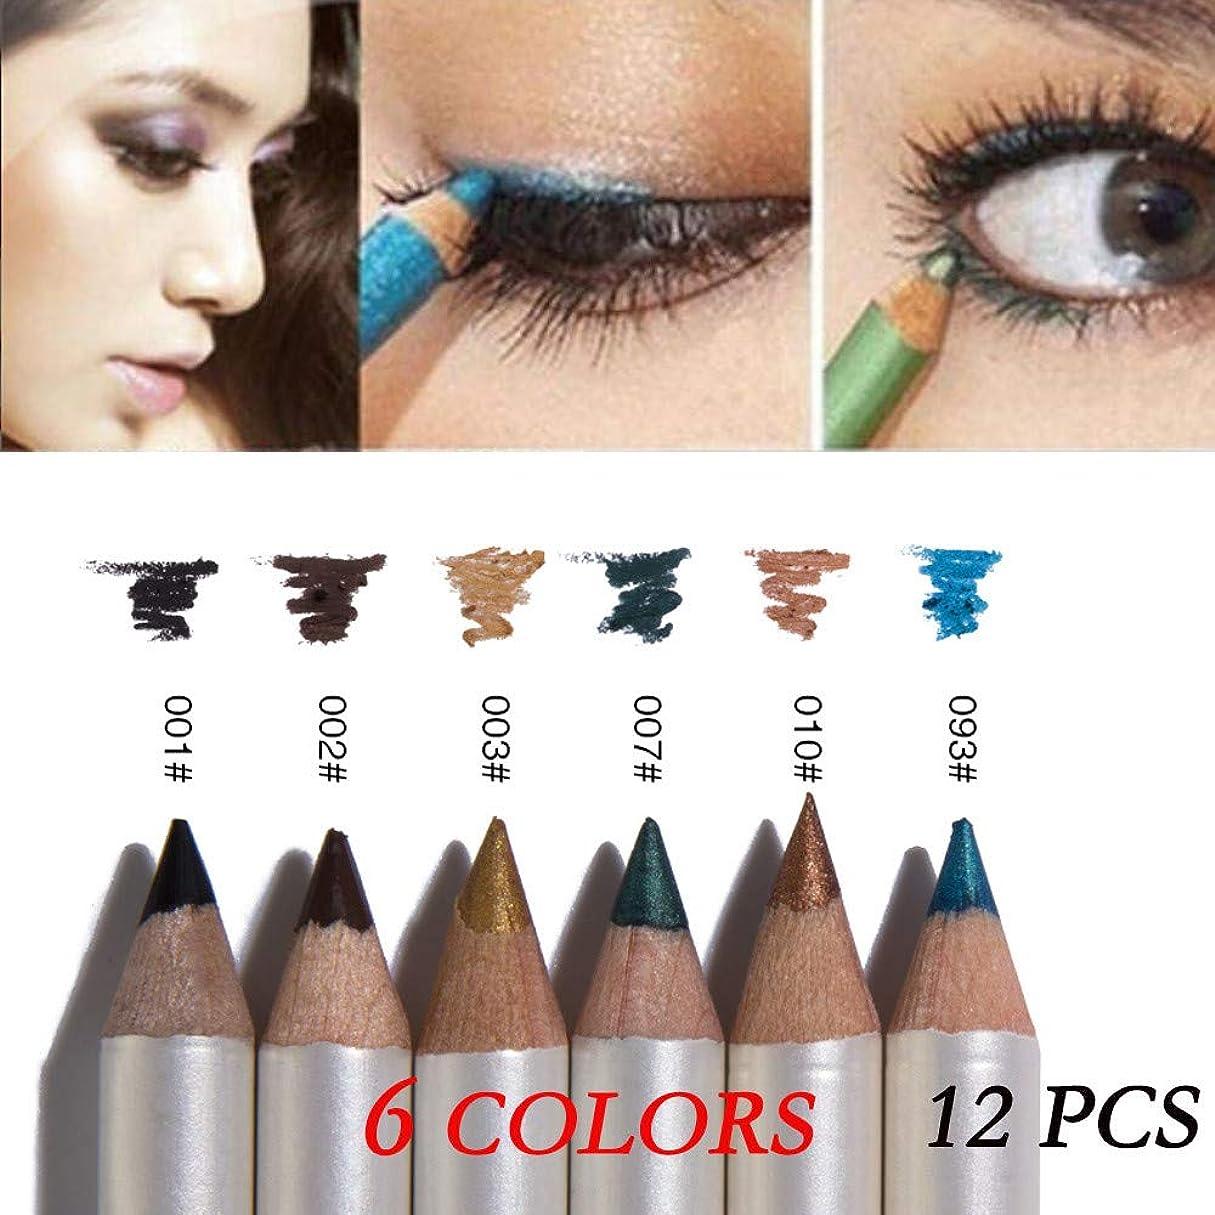 デコレーションアテンダント真剣に6色12色の混合色防水アイシャドーアイライナーペンメイクアップペン